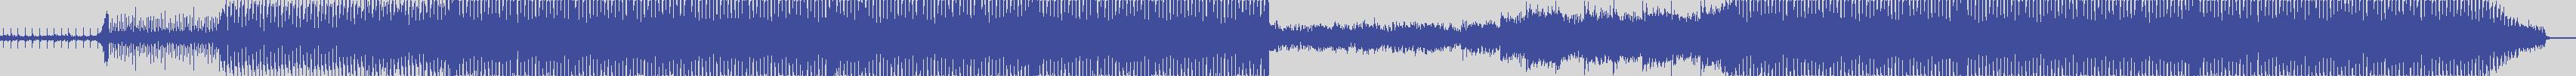 just_digital_records [JS1224] Nikon - Crazy [Original Mix] audio wave form